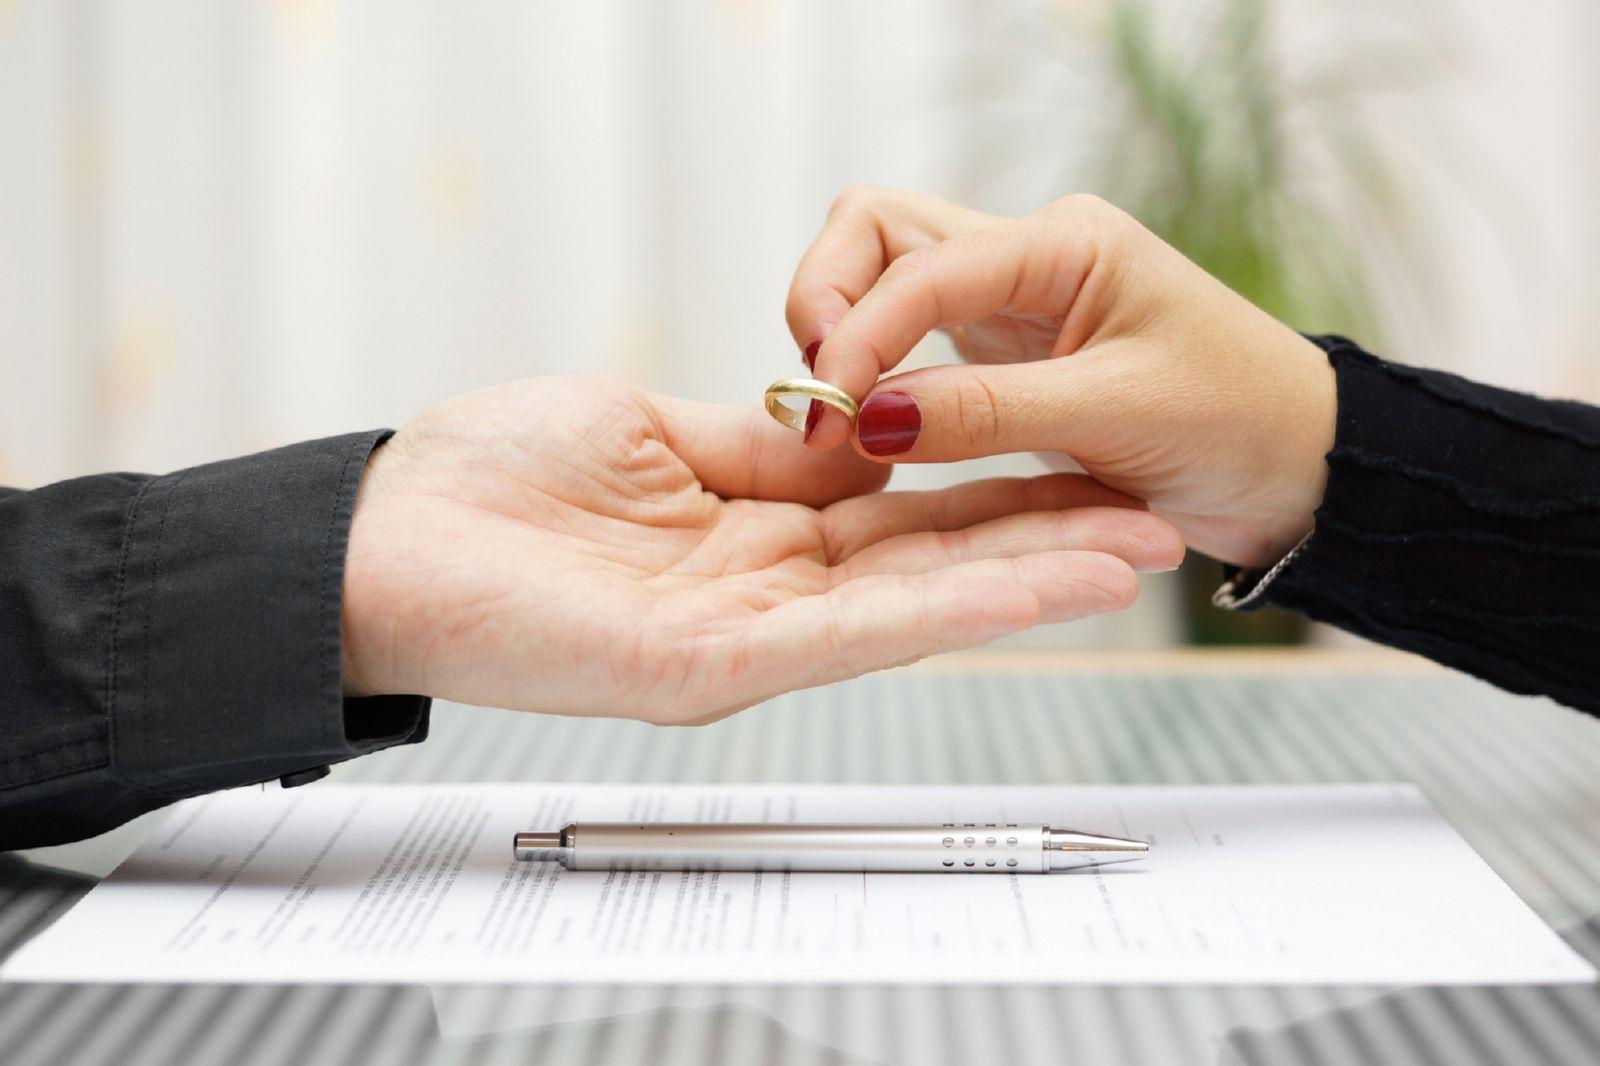 Как развестись с мужем имея. Развод без согласия мужа: закон на стороне женщины